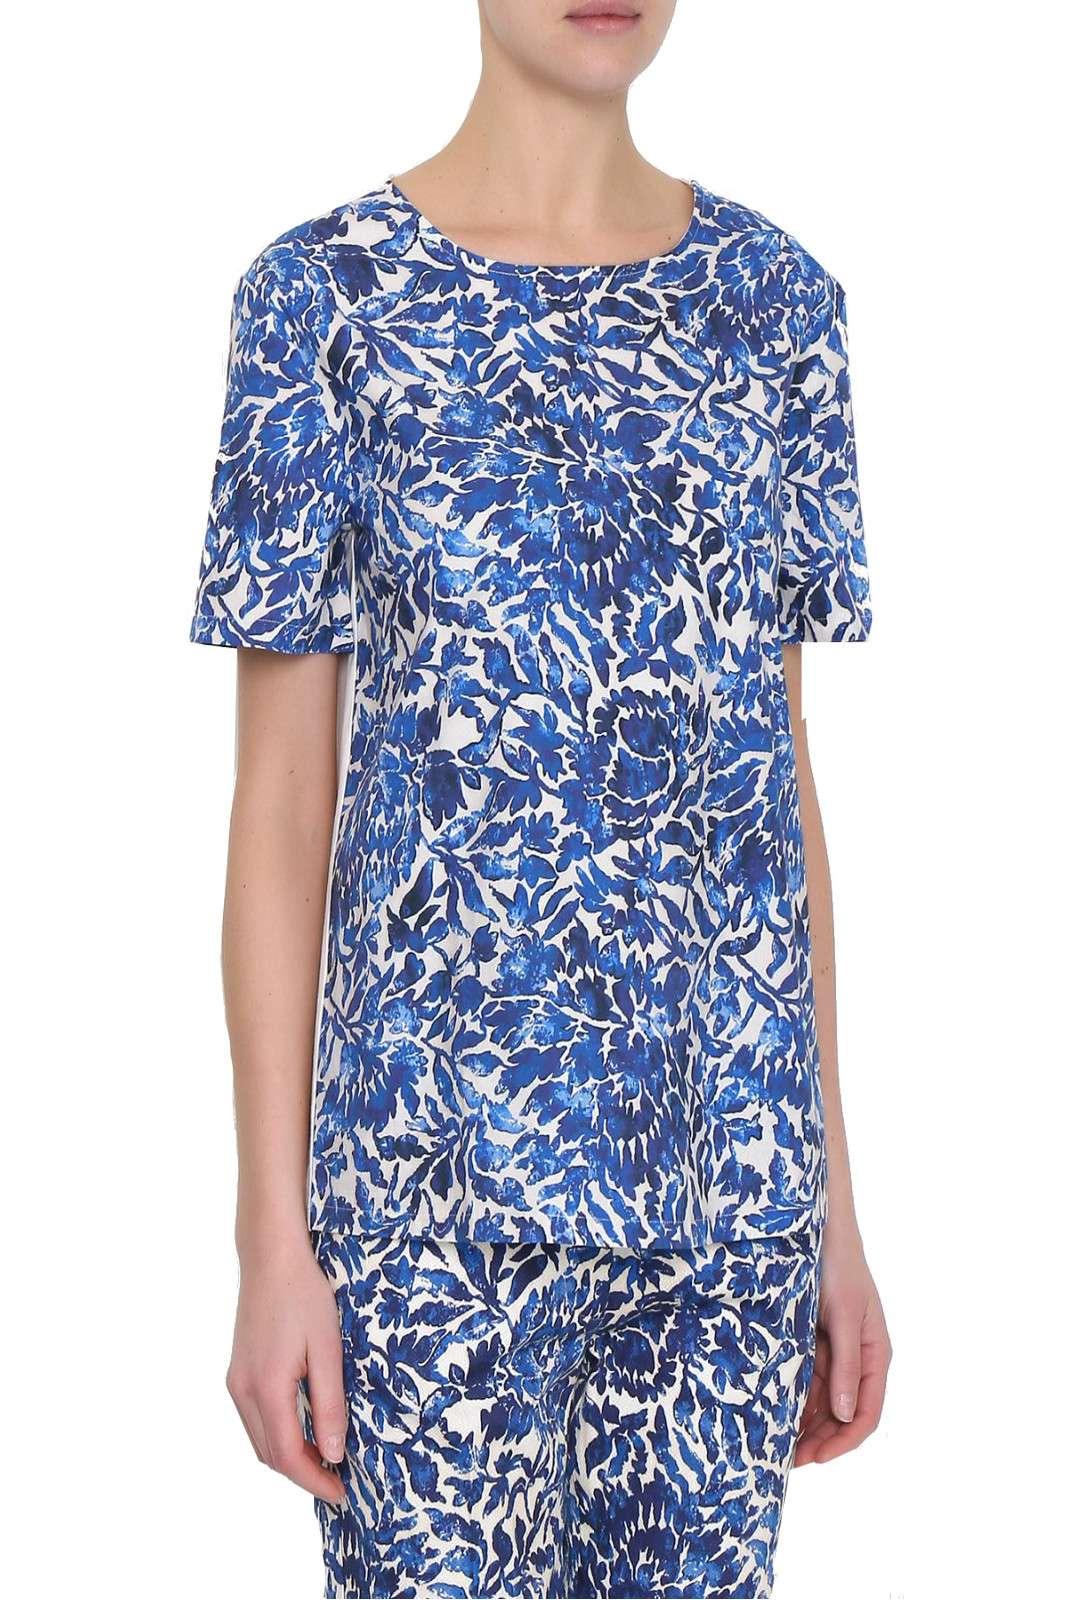 Una blusa con inserto in cotone dalla fantasia floreale la proposta CORFU della collezione donna Weekend MaxMara. Da abbinare a pantaloni o a jeans è un essential dal gusto estivo. Lo scollo tondo e la maniche corte accompagnano una vestibilità over, comoda e fashion.